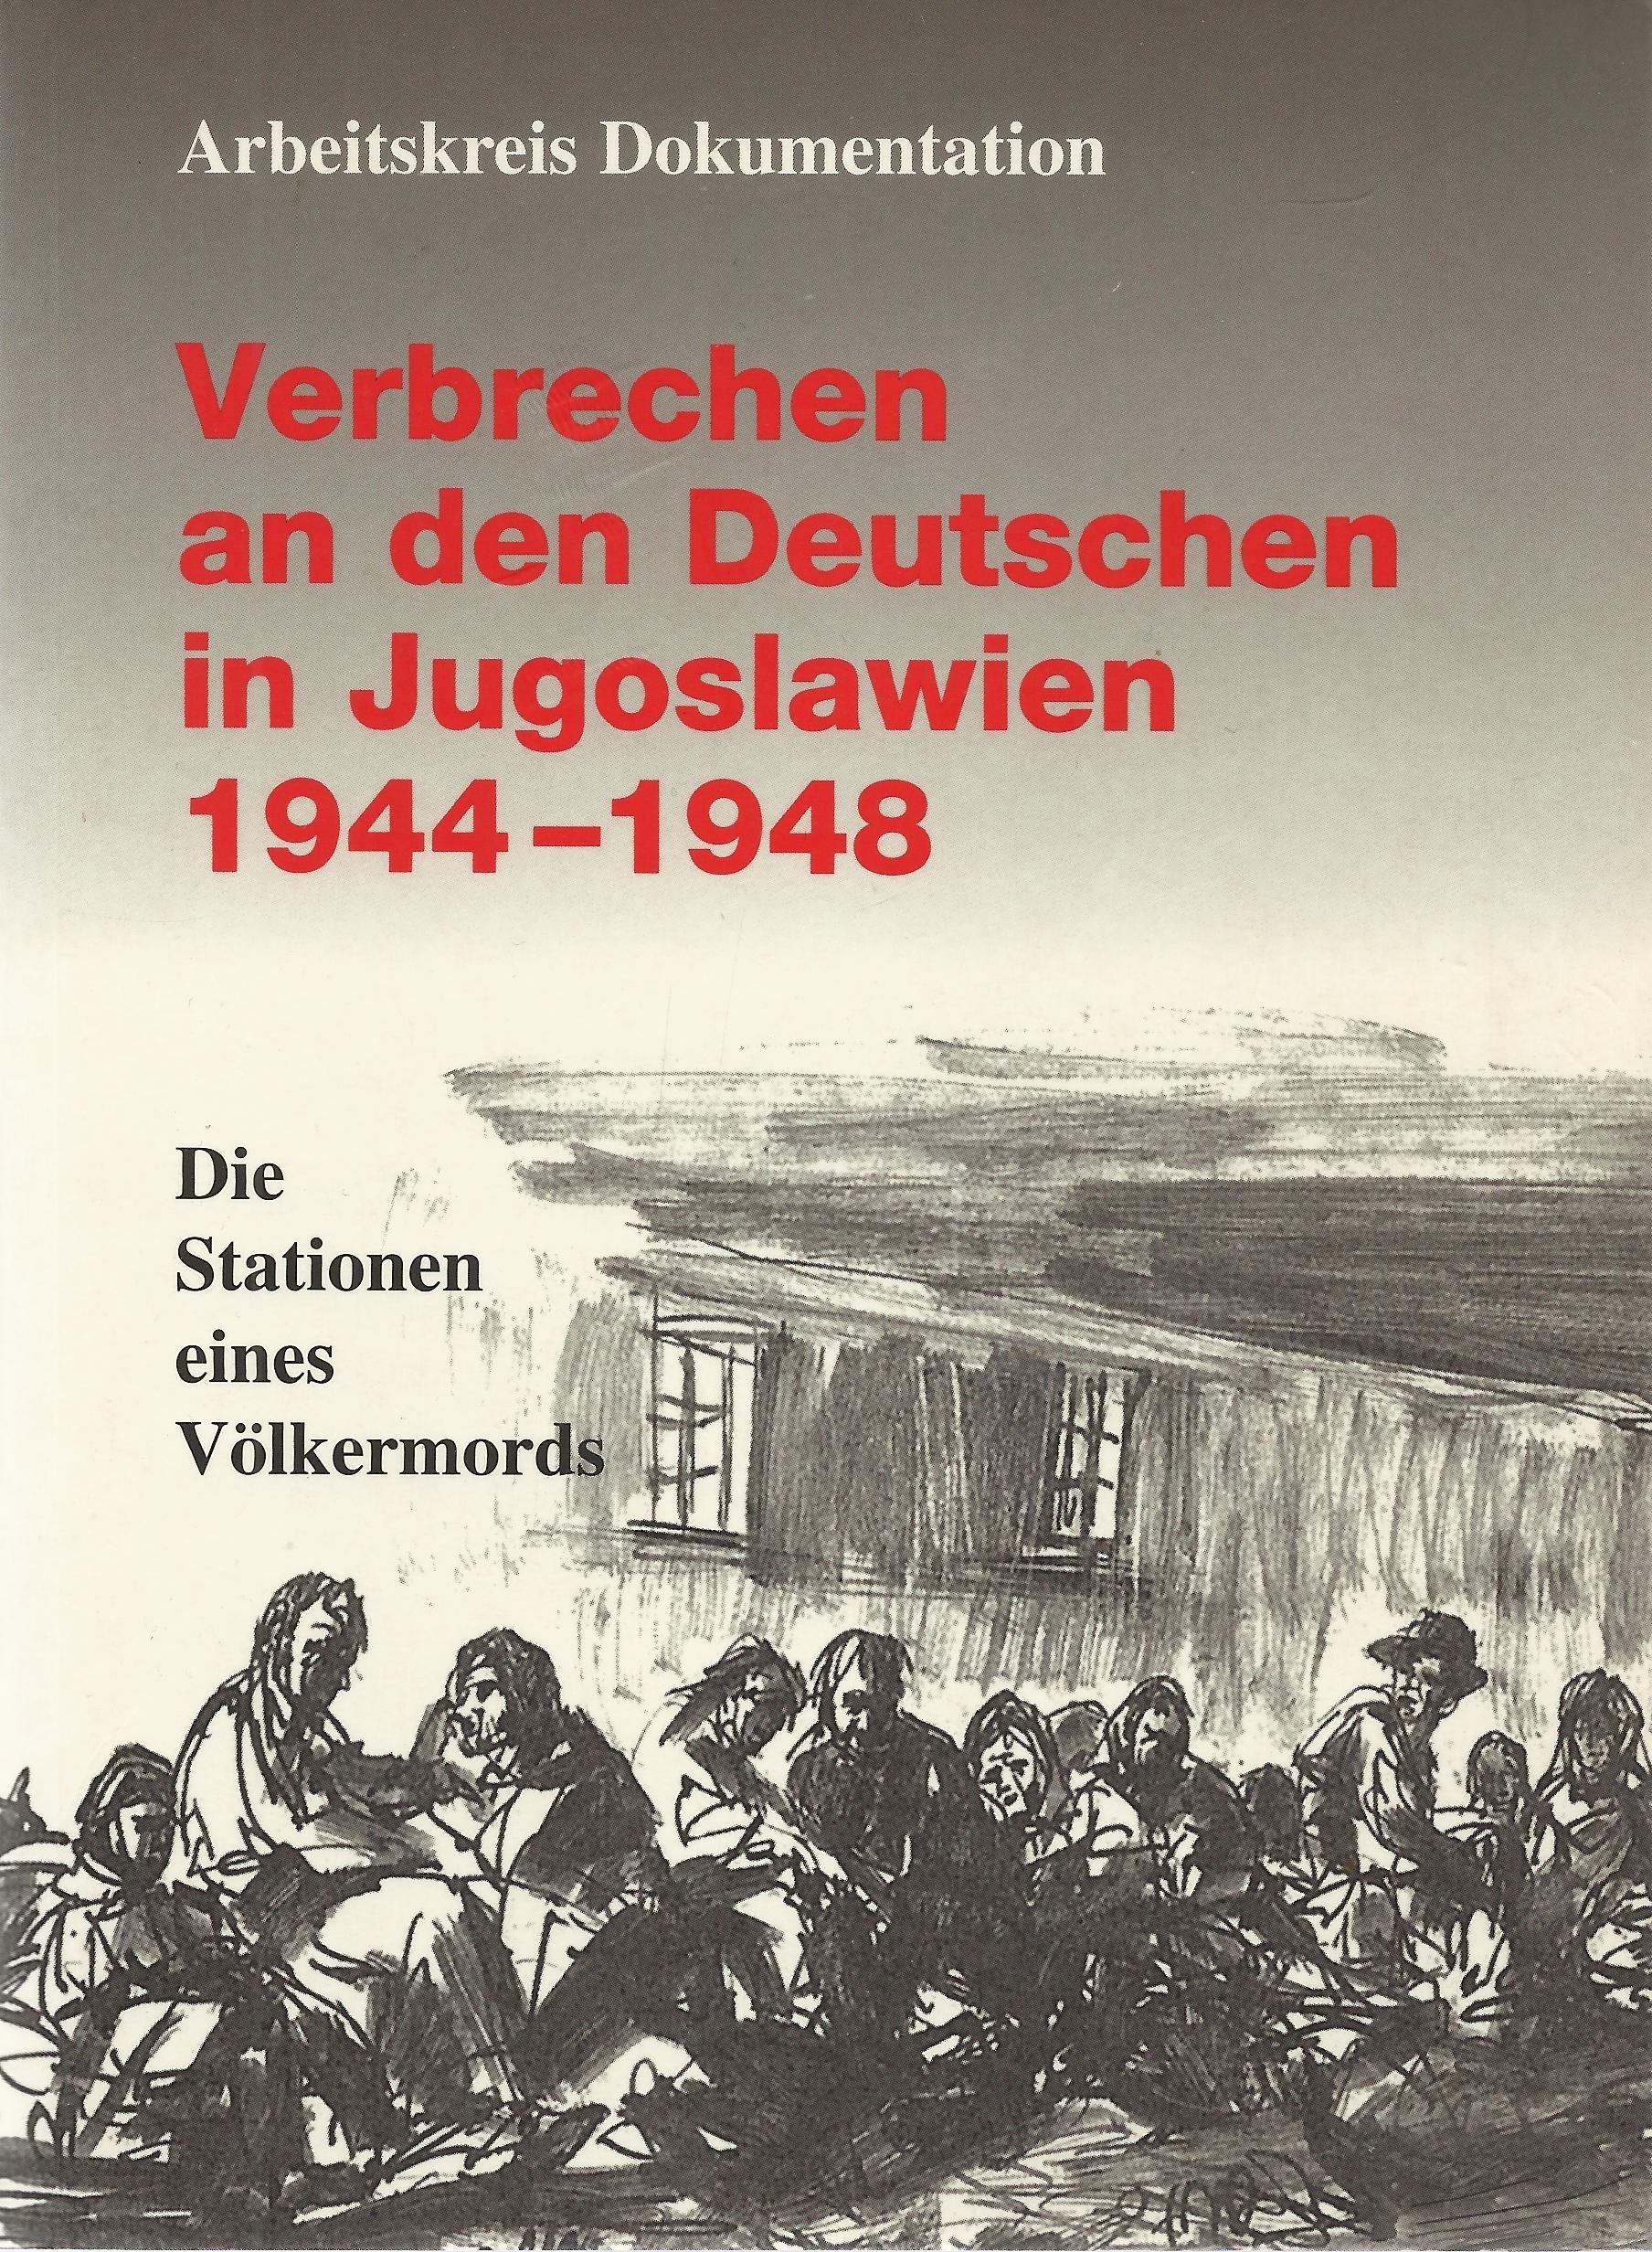 Verbrechen an den Deutschen in Jugoslawien 1944-1948: Stationen eines Völkermords (Donauschwäbisches Archiv)